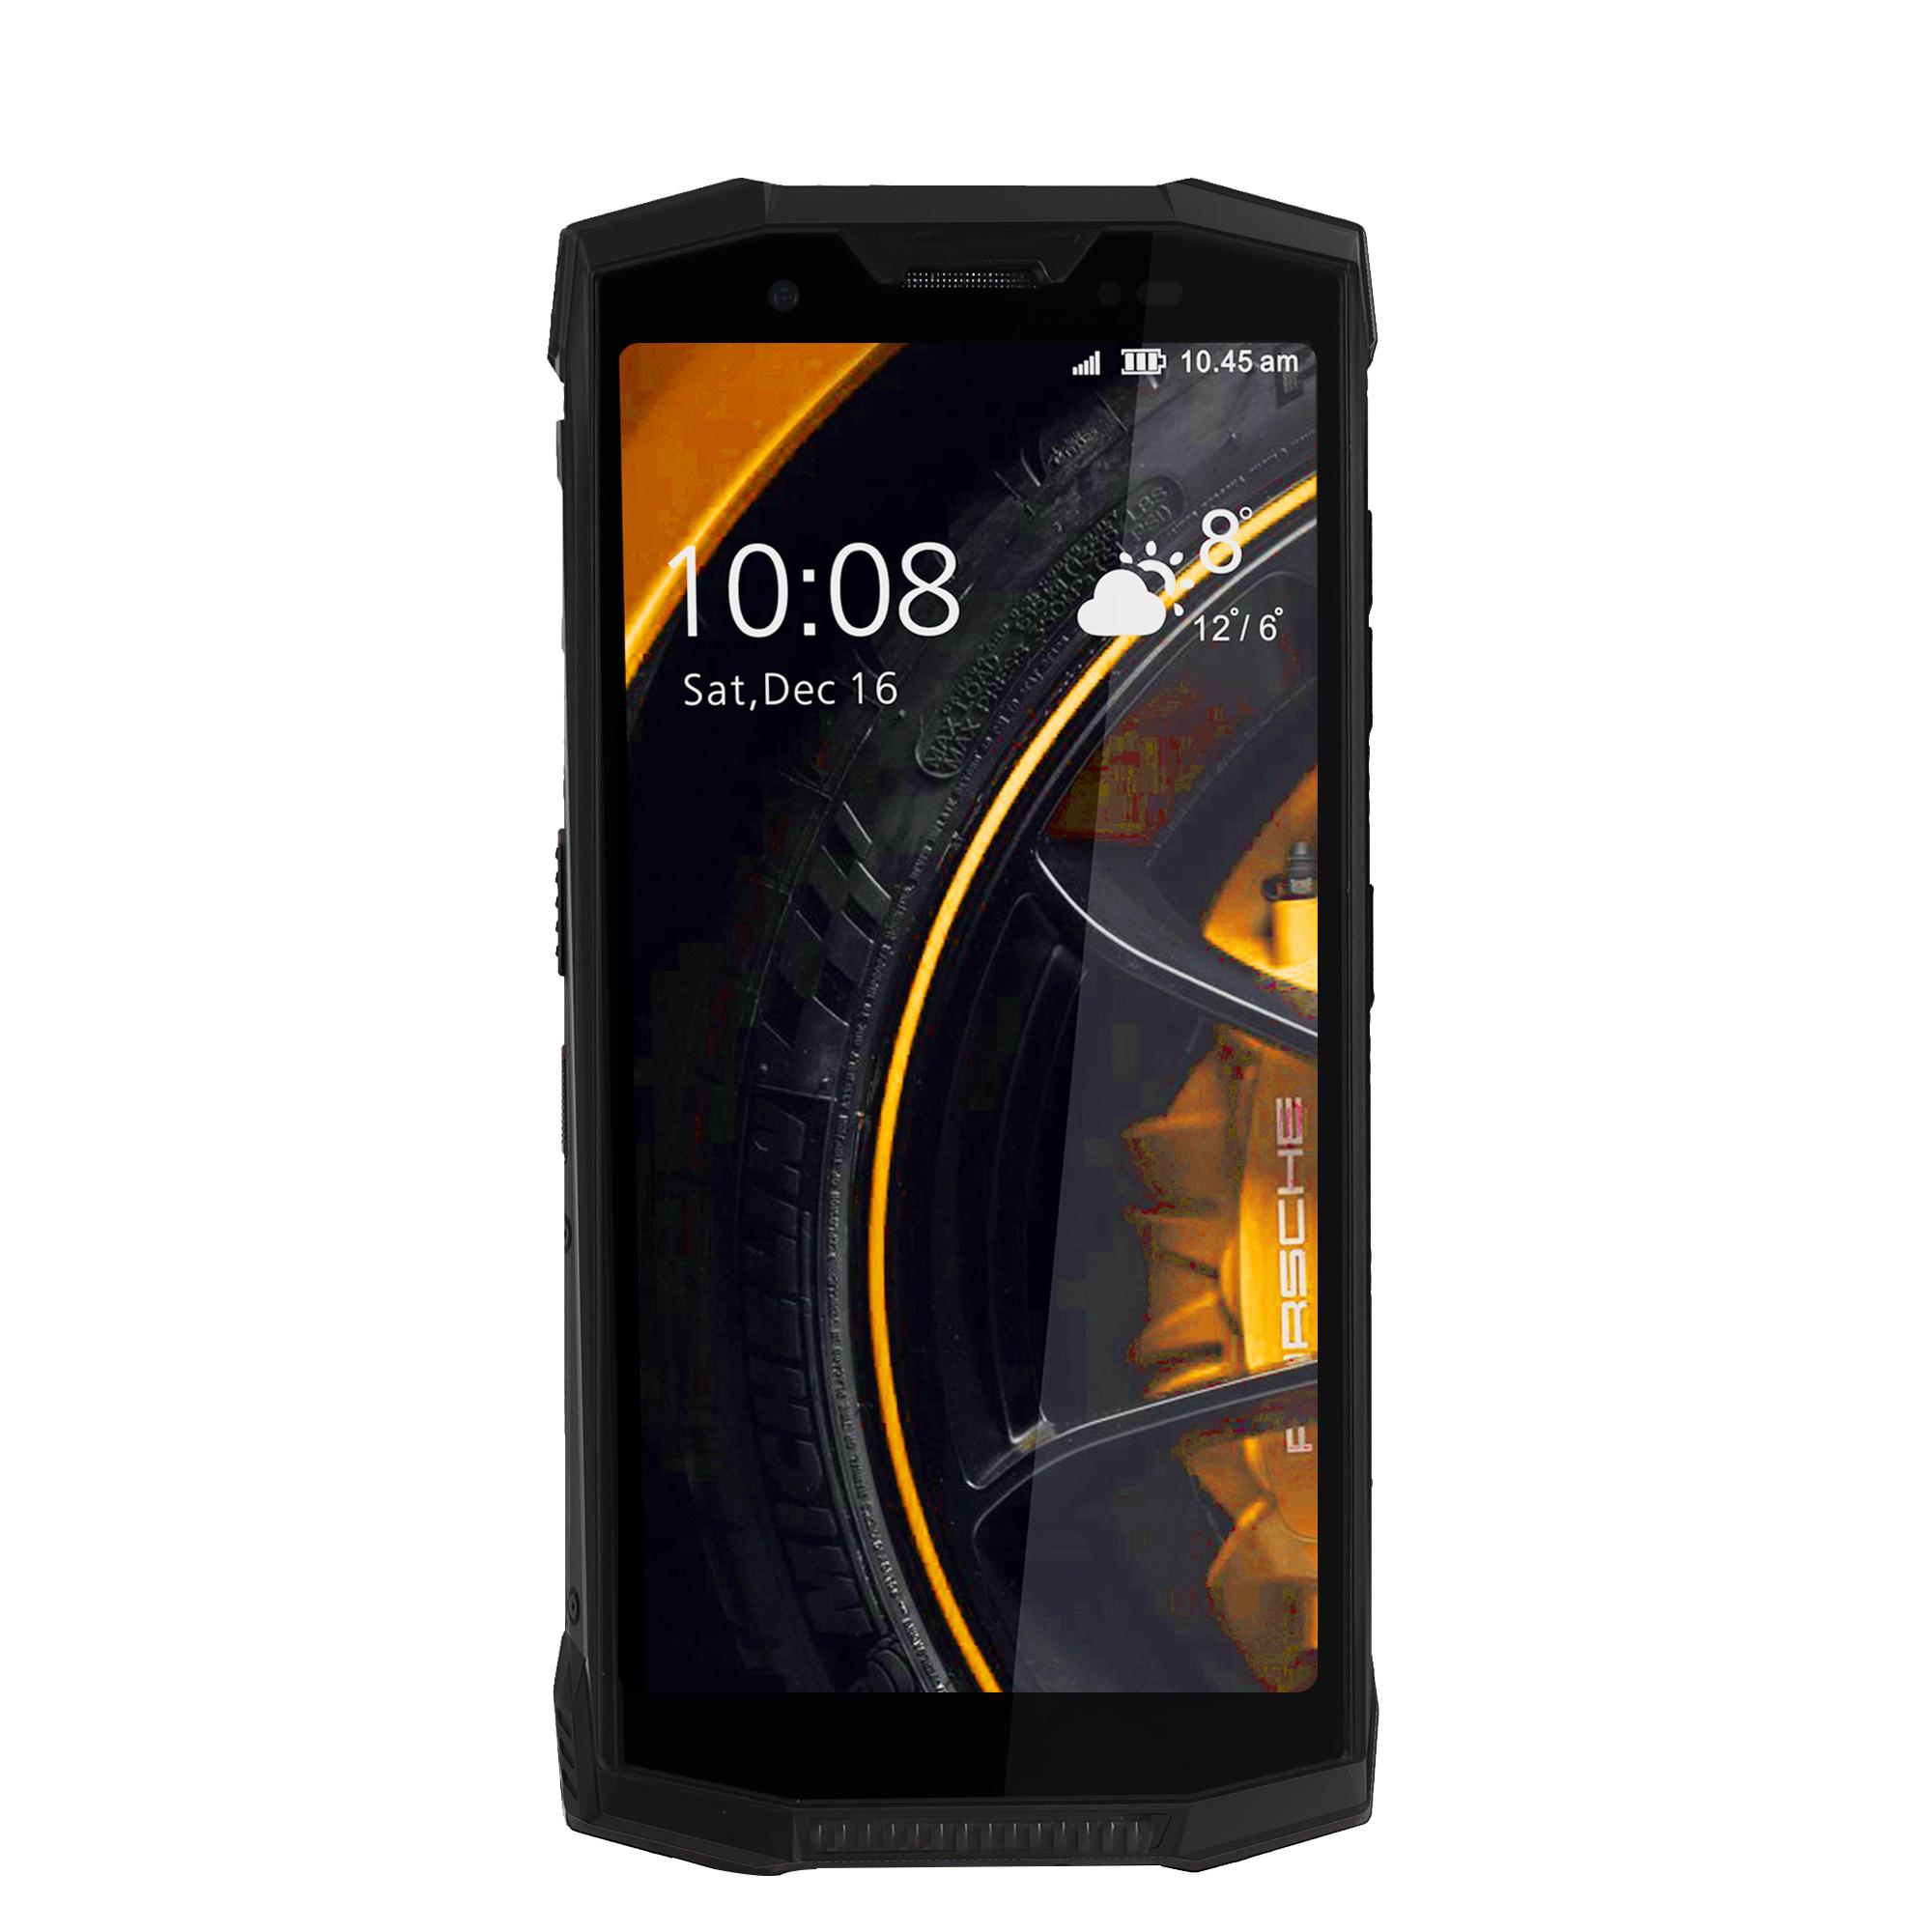 گوشی موبایل دوجی مدل S80 دو سیم کارت ظرفیت 64 گیگابایت